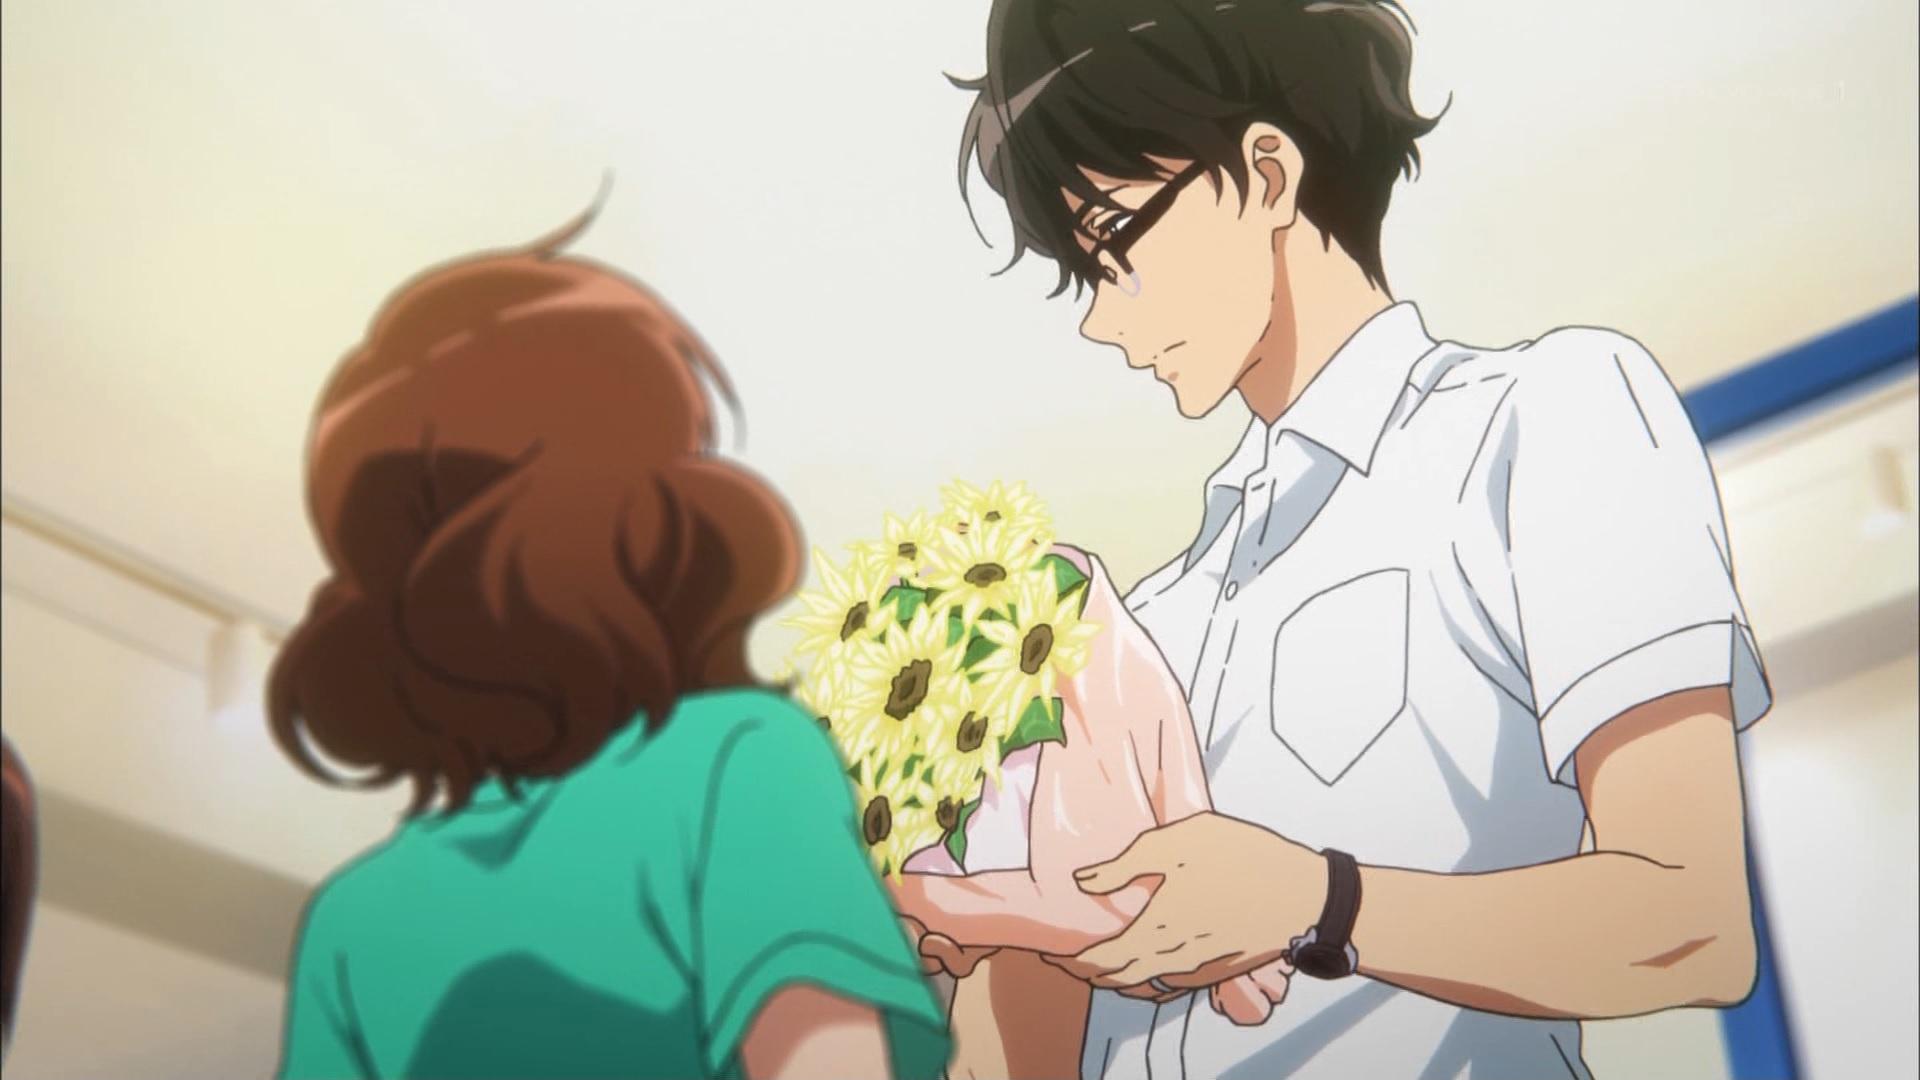 滝先生と久美子(第6話画像)